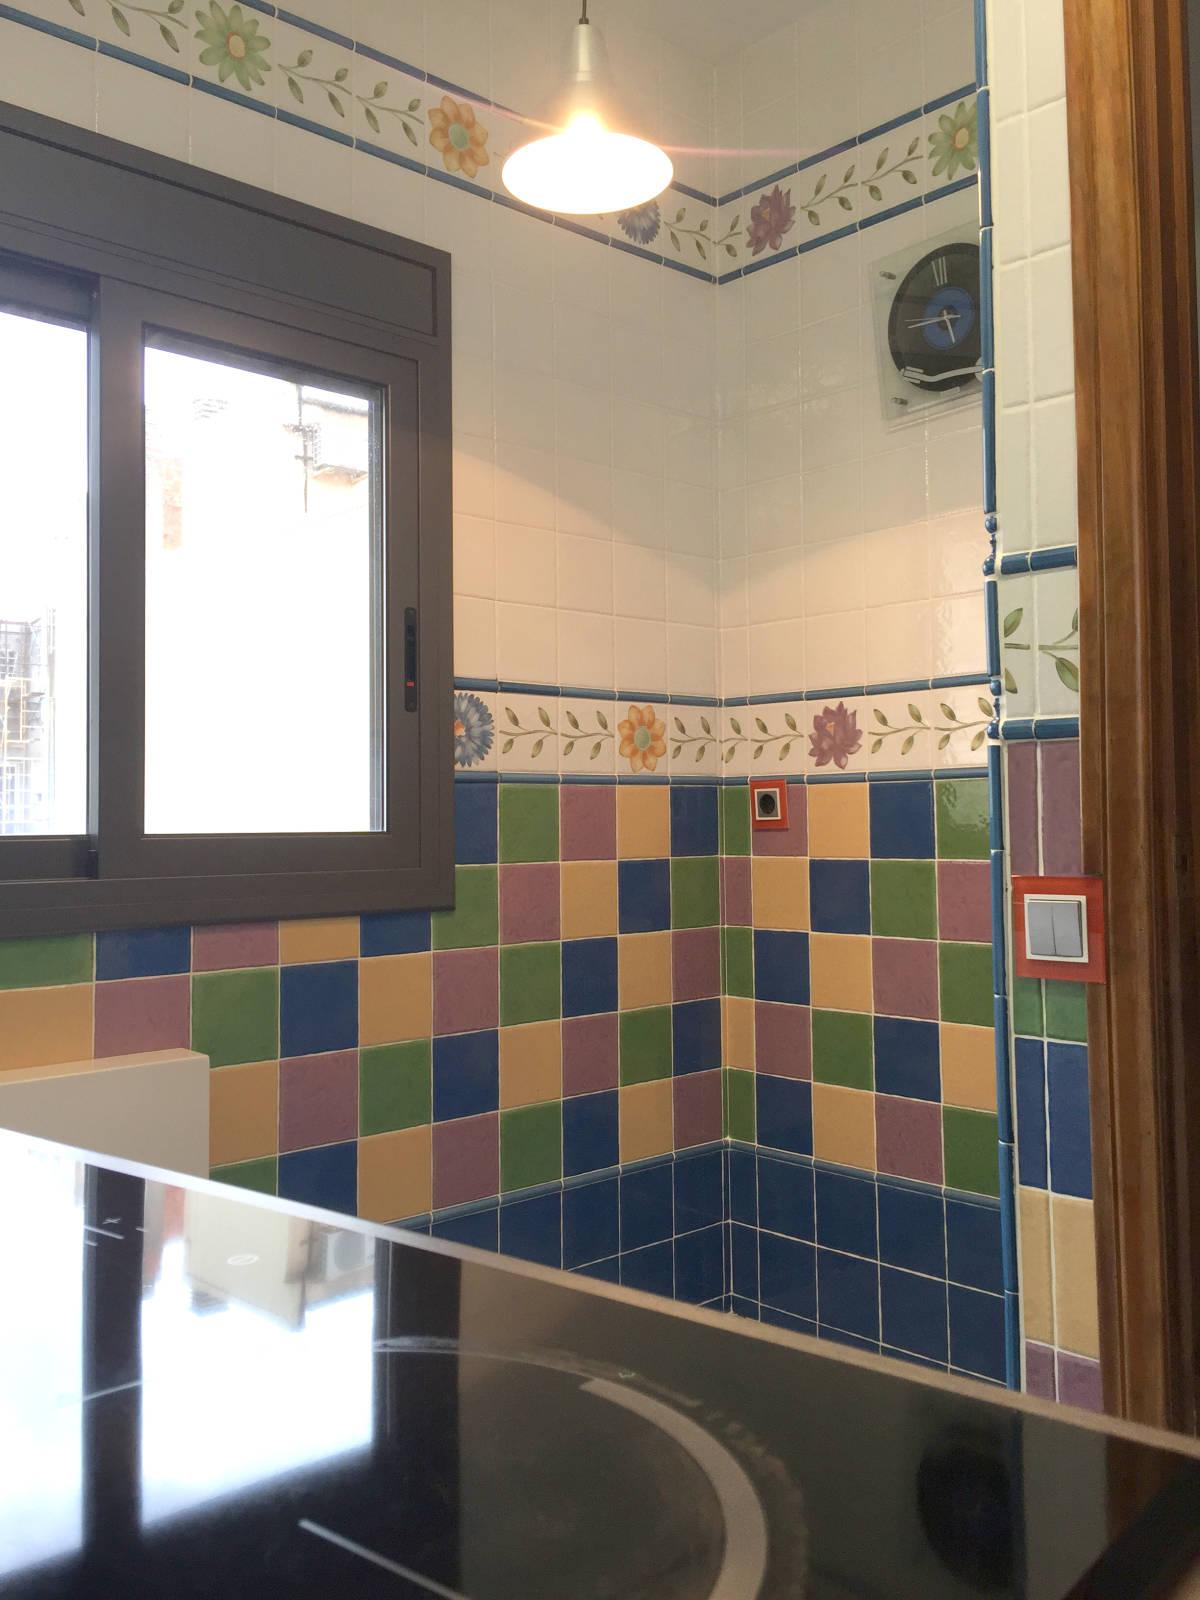 Foto 19 - Casa adosada en Reus con 3 pisos independientes